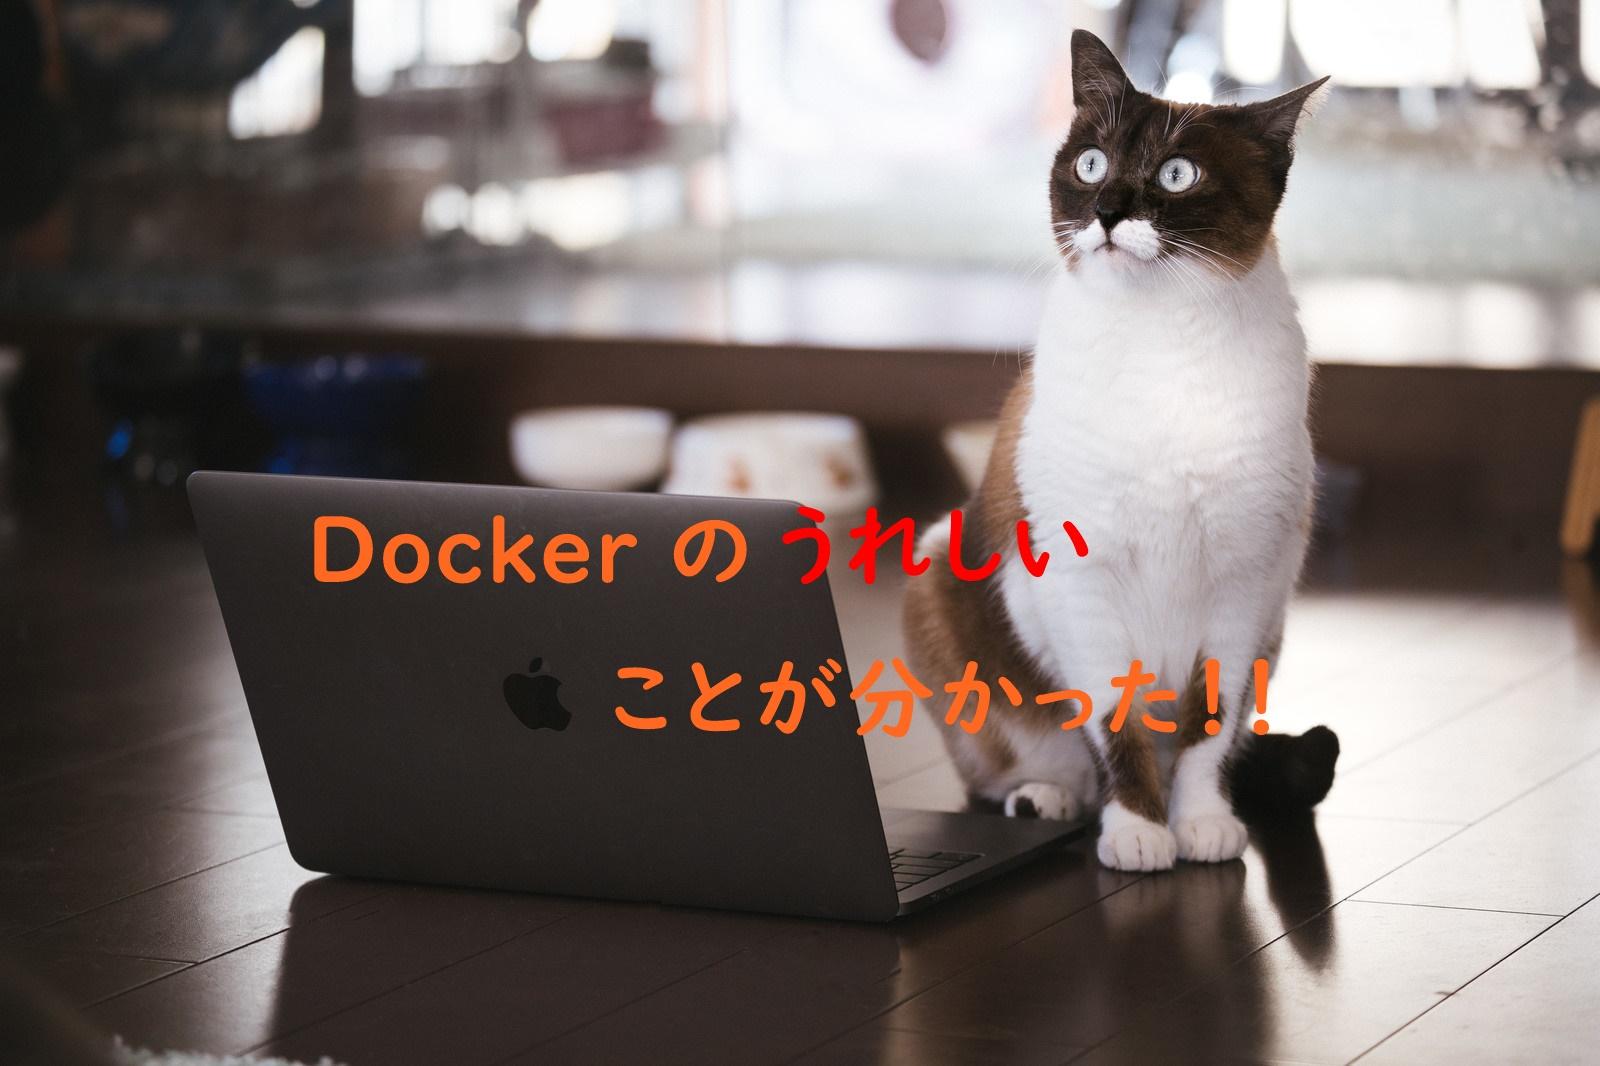 初心者でもDockerのうれしいことが分かってしまう!!